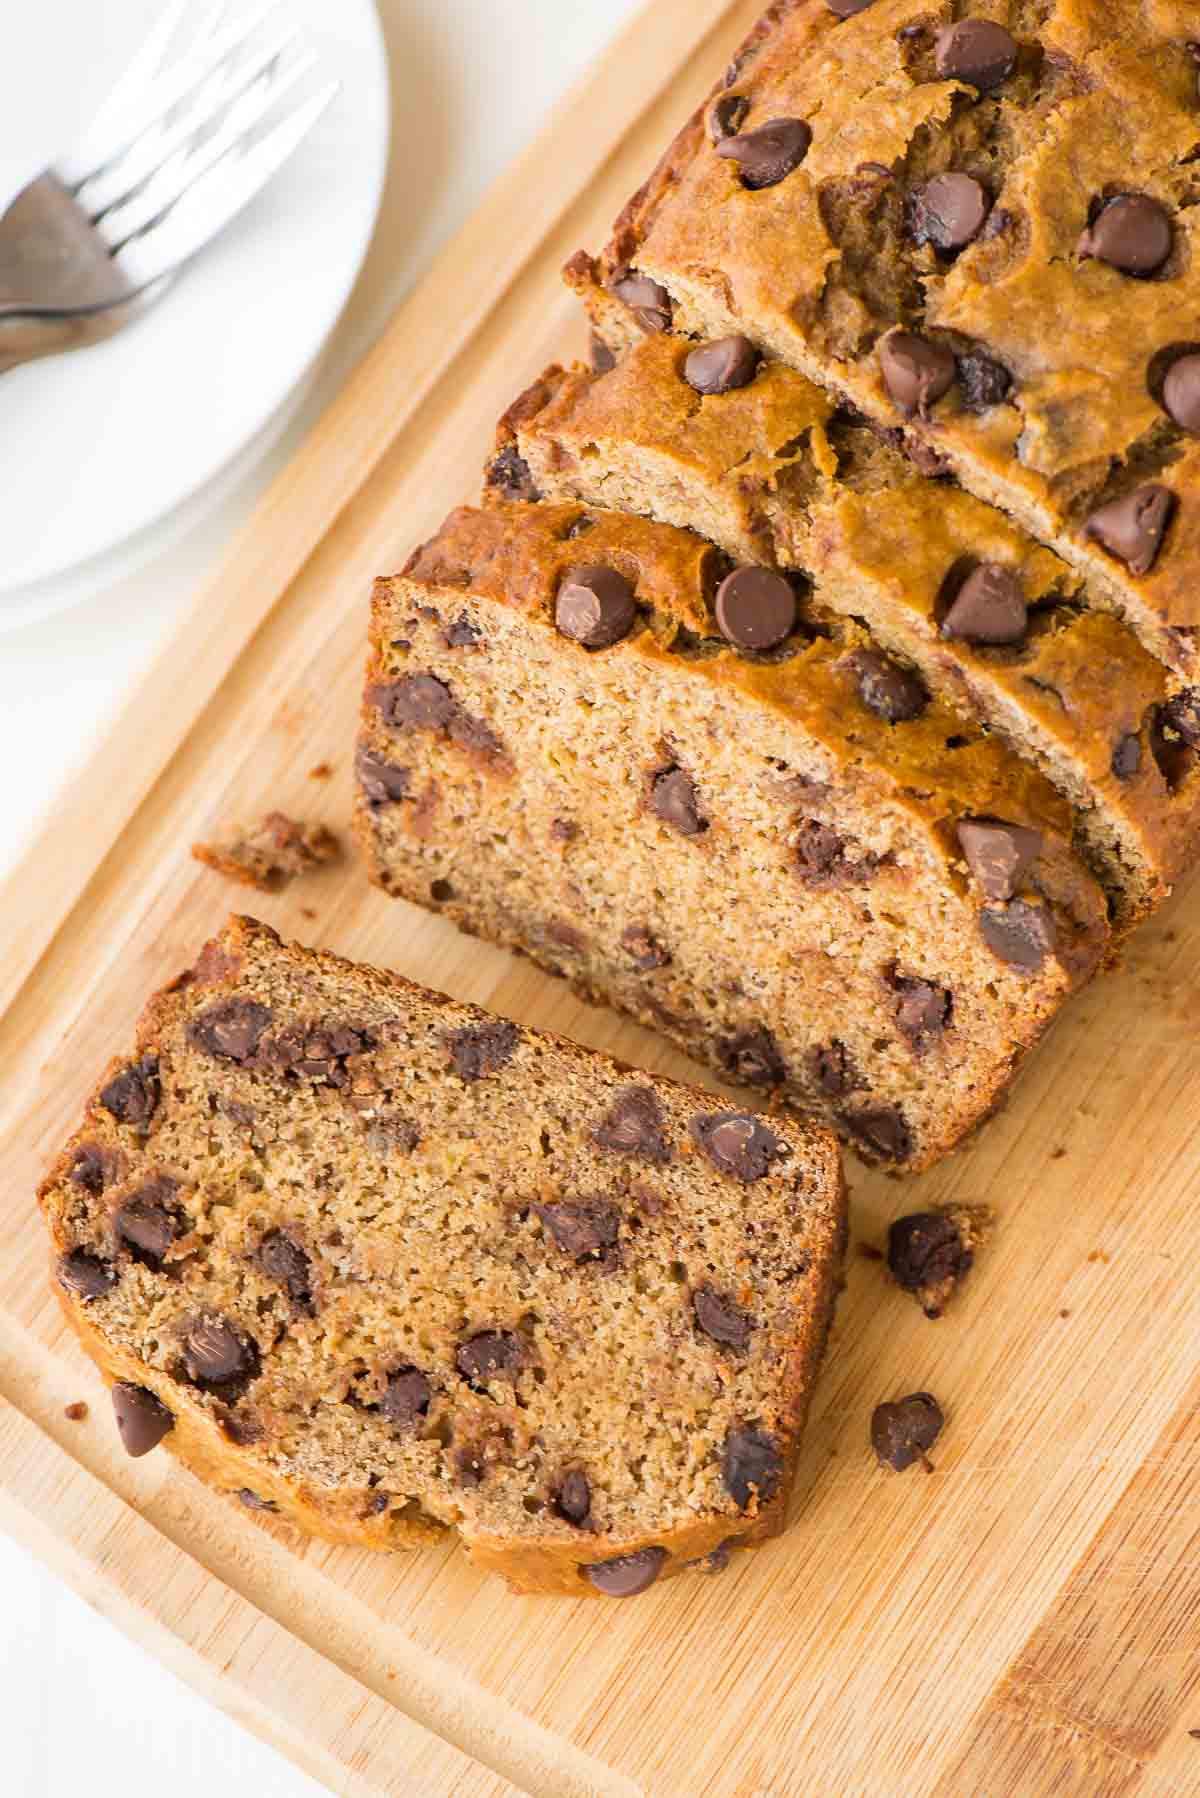 Healthy Banana Bread Recipe  Healthy Banana Bread Recipe with Chocolate Chips